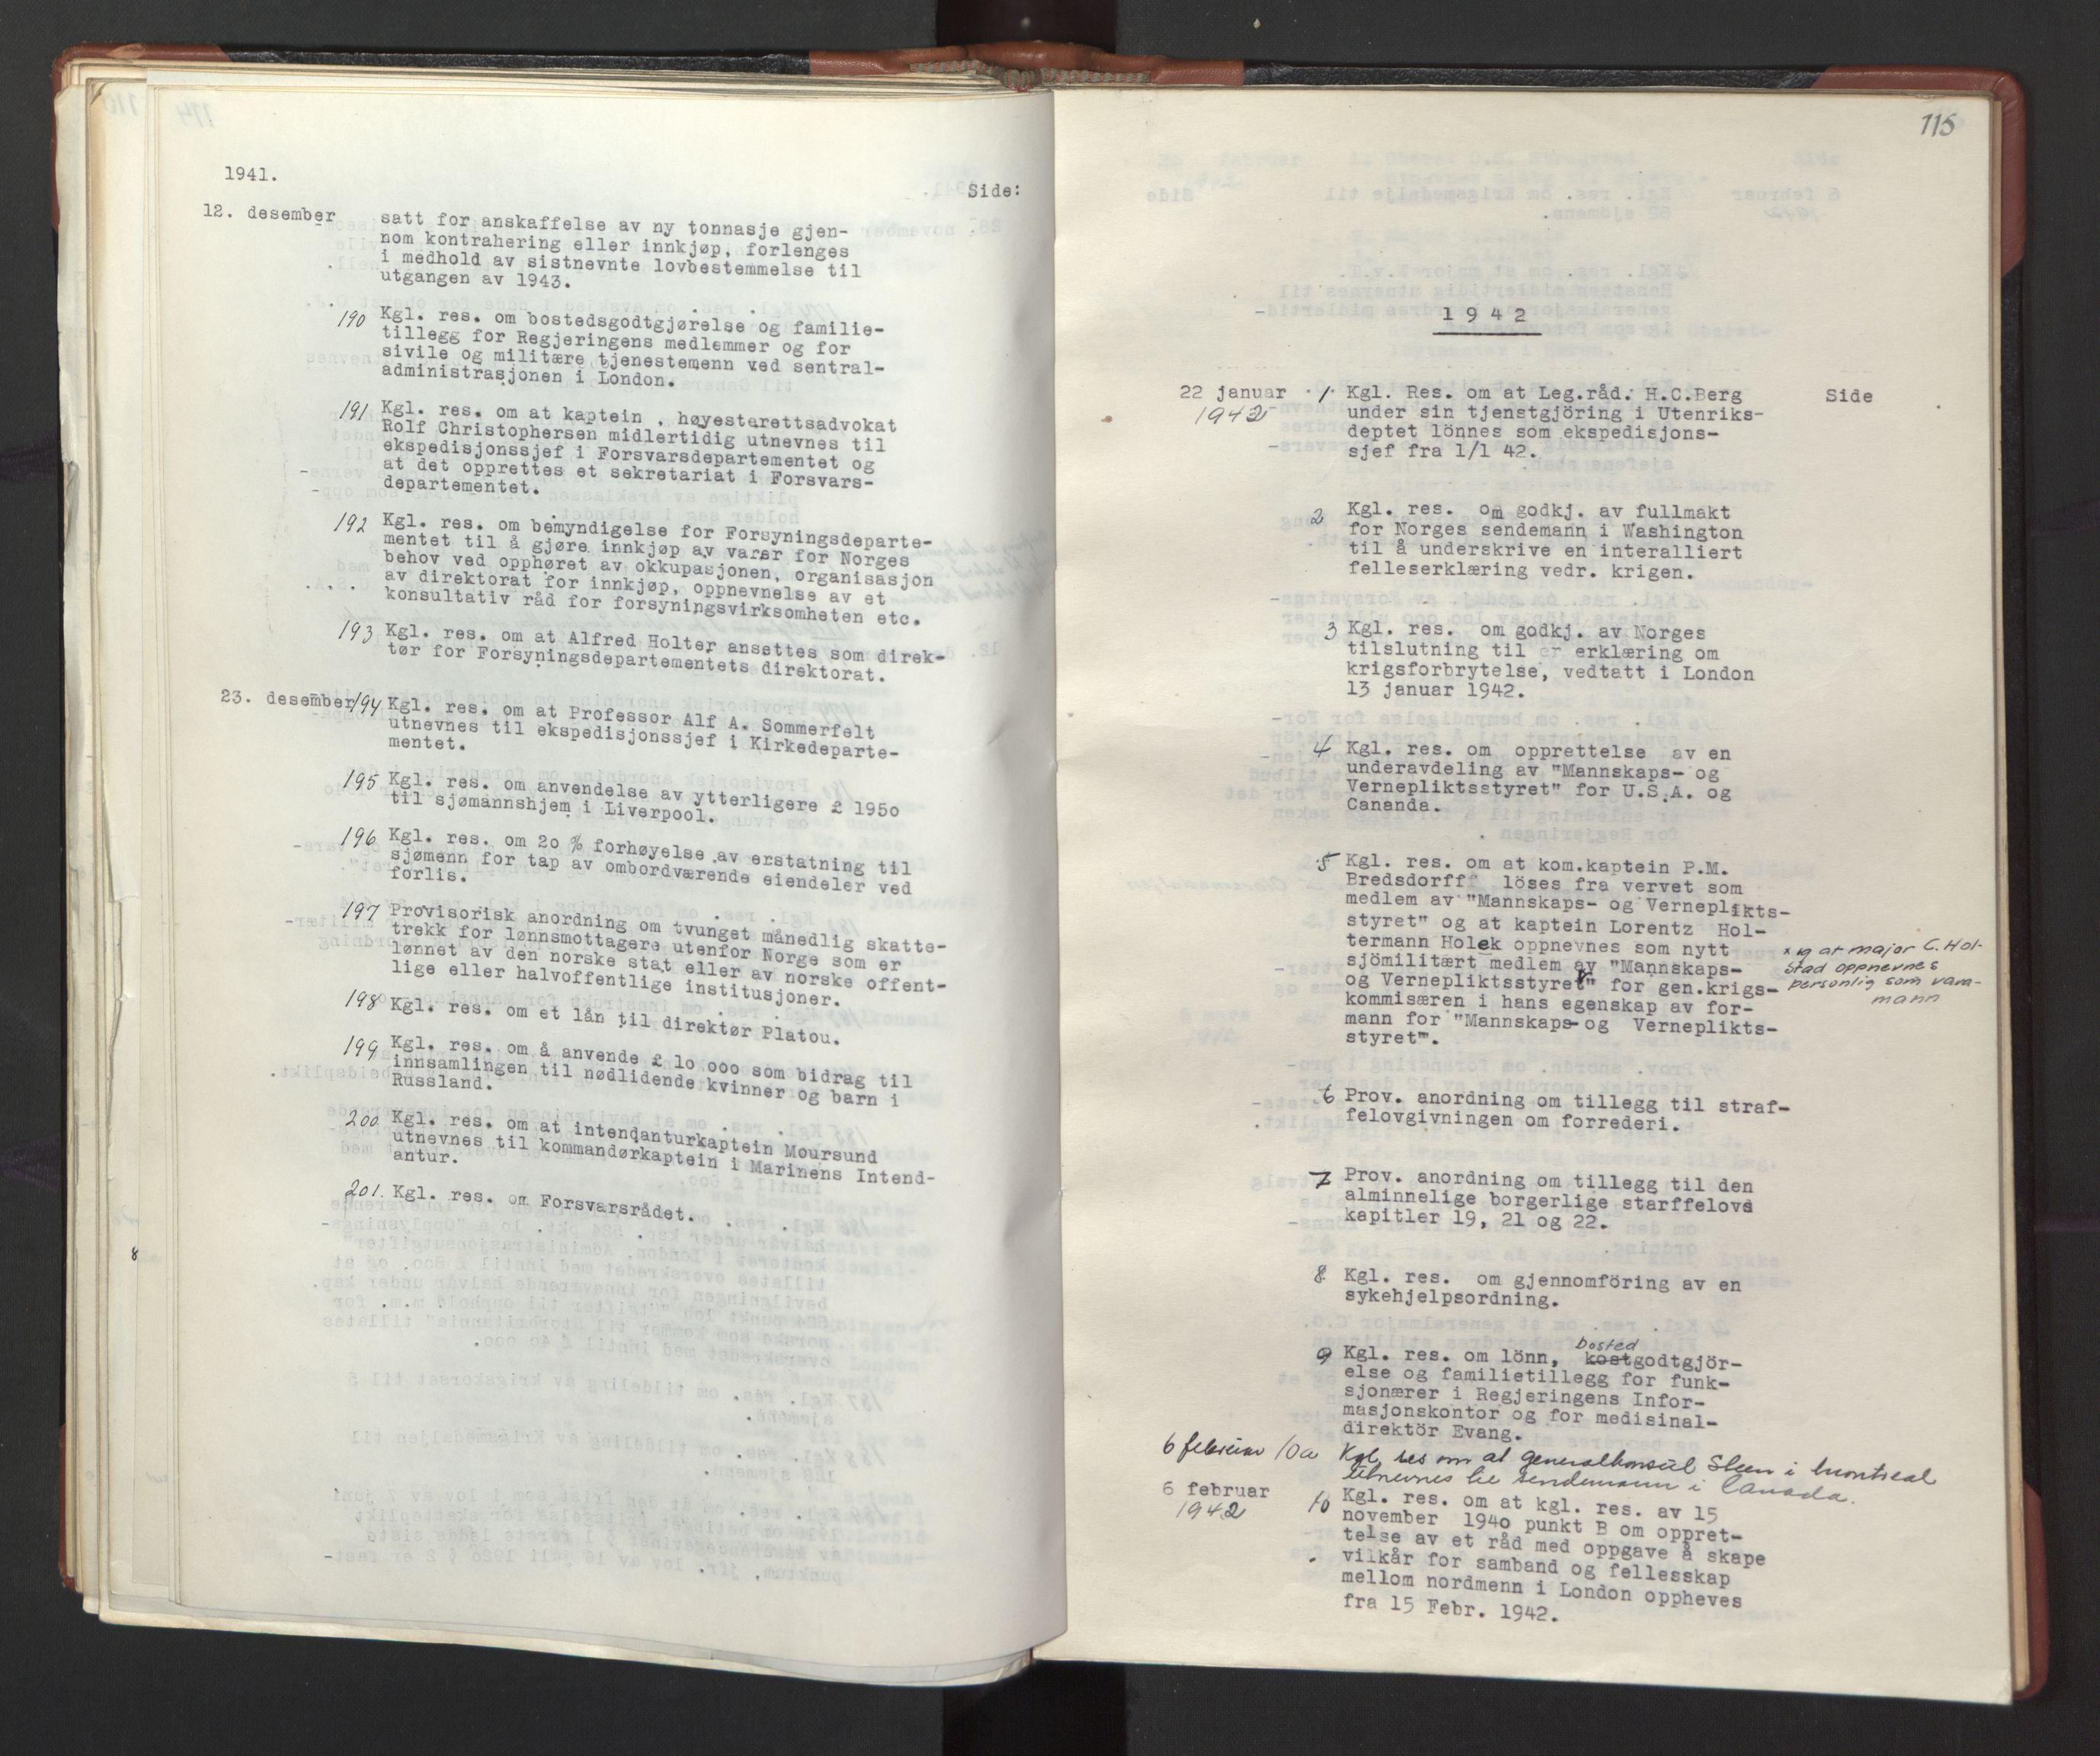 RA, Statsrådssekretariatet, A/Ac/L0127: Register 9/4-25/5, 1940-1945, s. 115